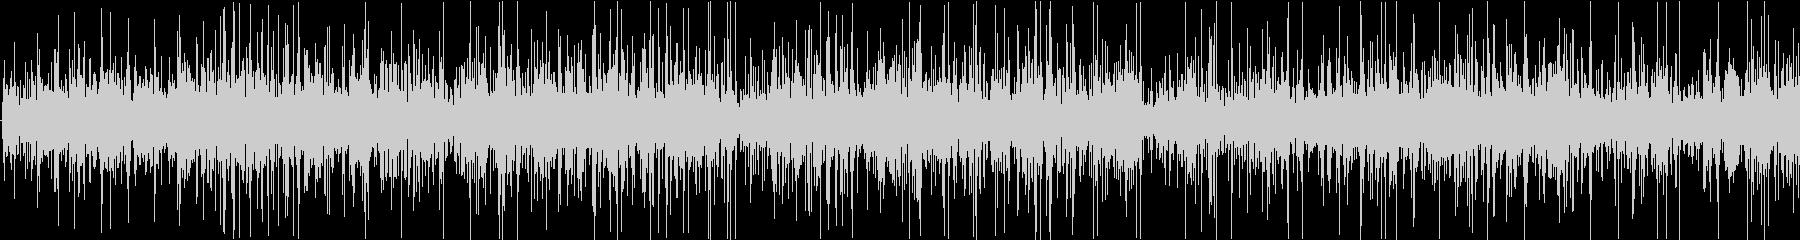 ジュー、ピチピチ(油で揚げる音)の未再生の波形